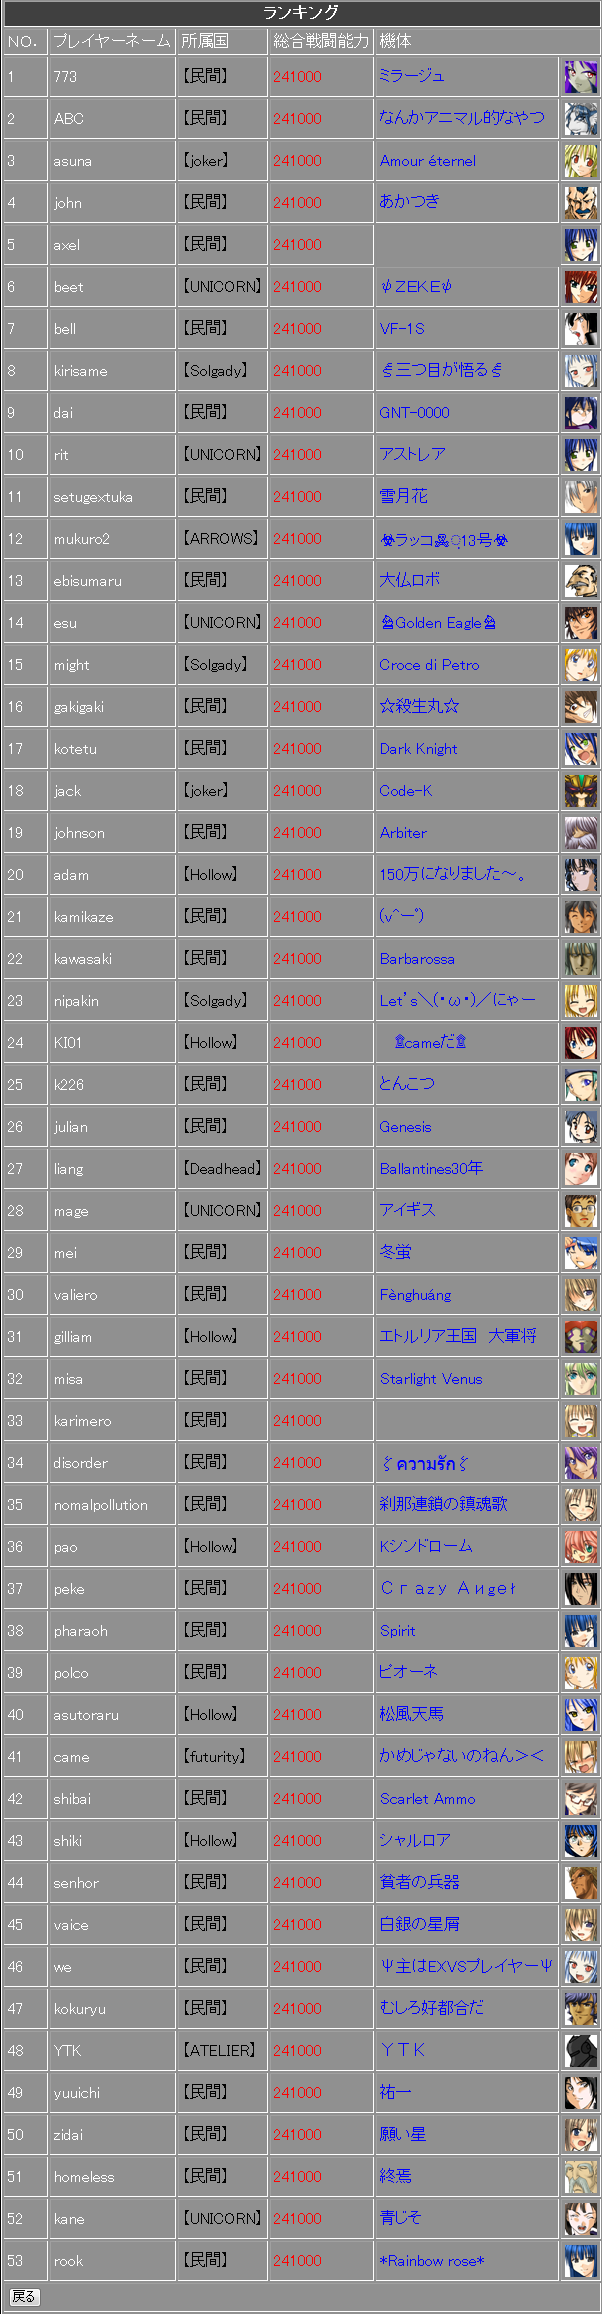 Snap 2012-04-22 at 19.27.49